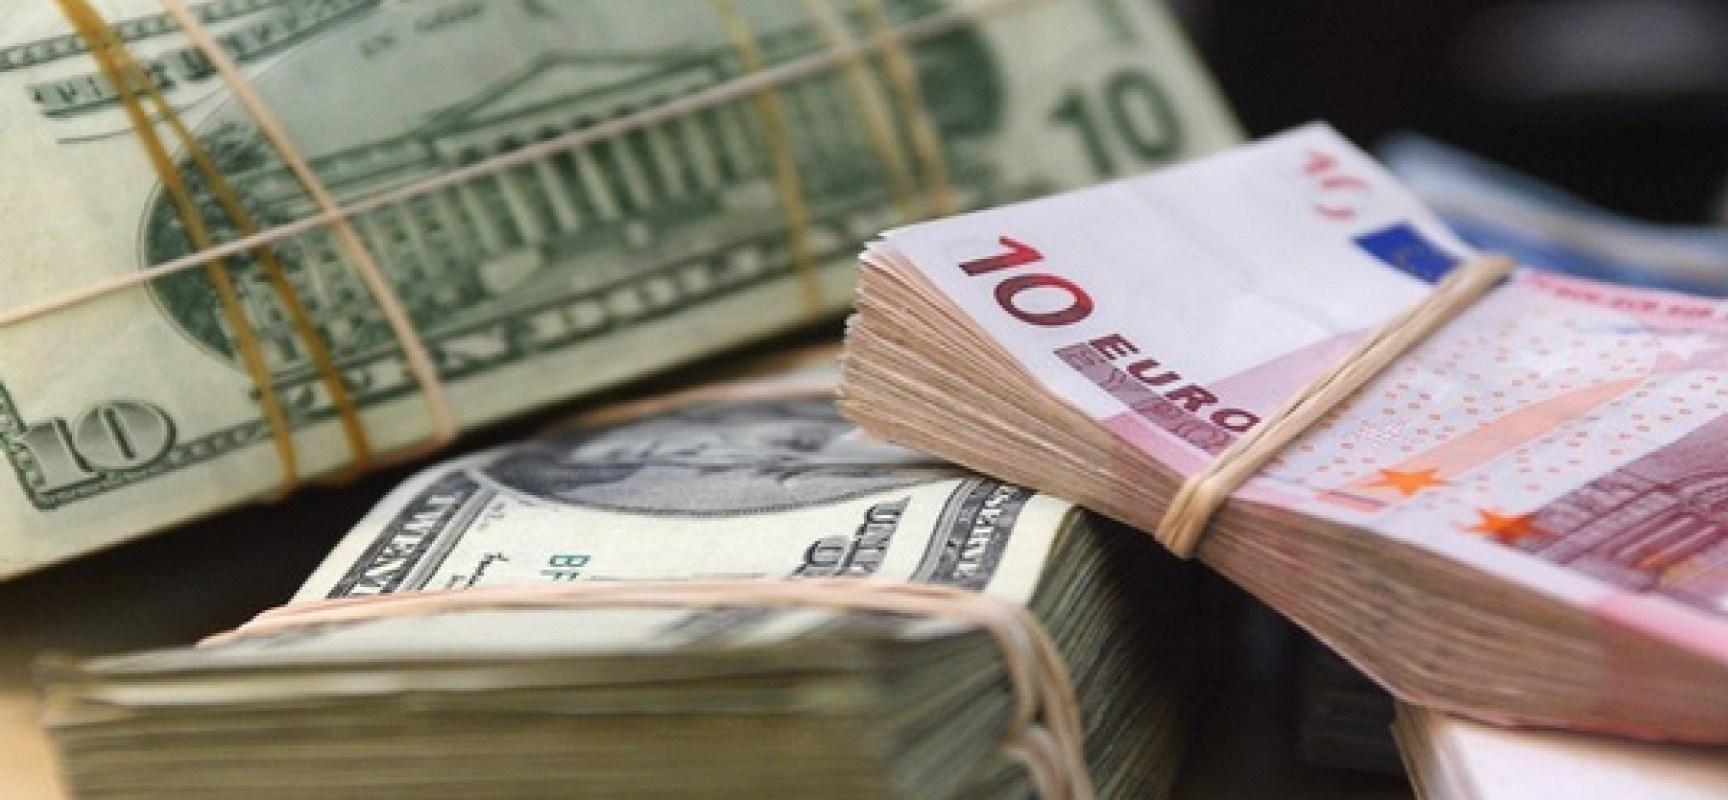 جرى تداول اليورو عند نحو 1.12 دولار يوم الجمعة